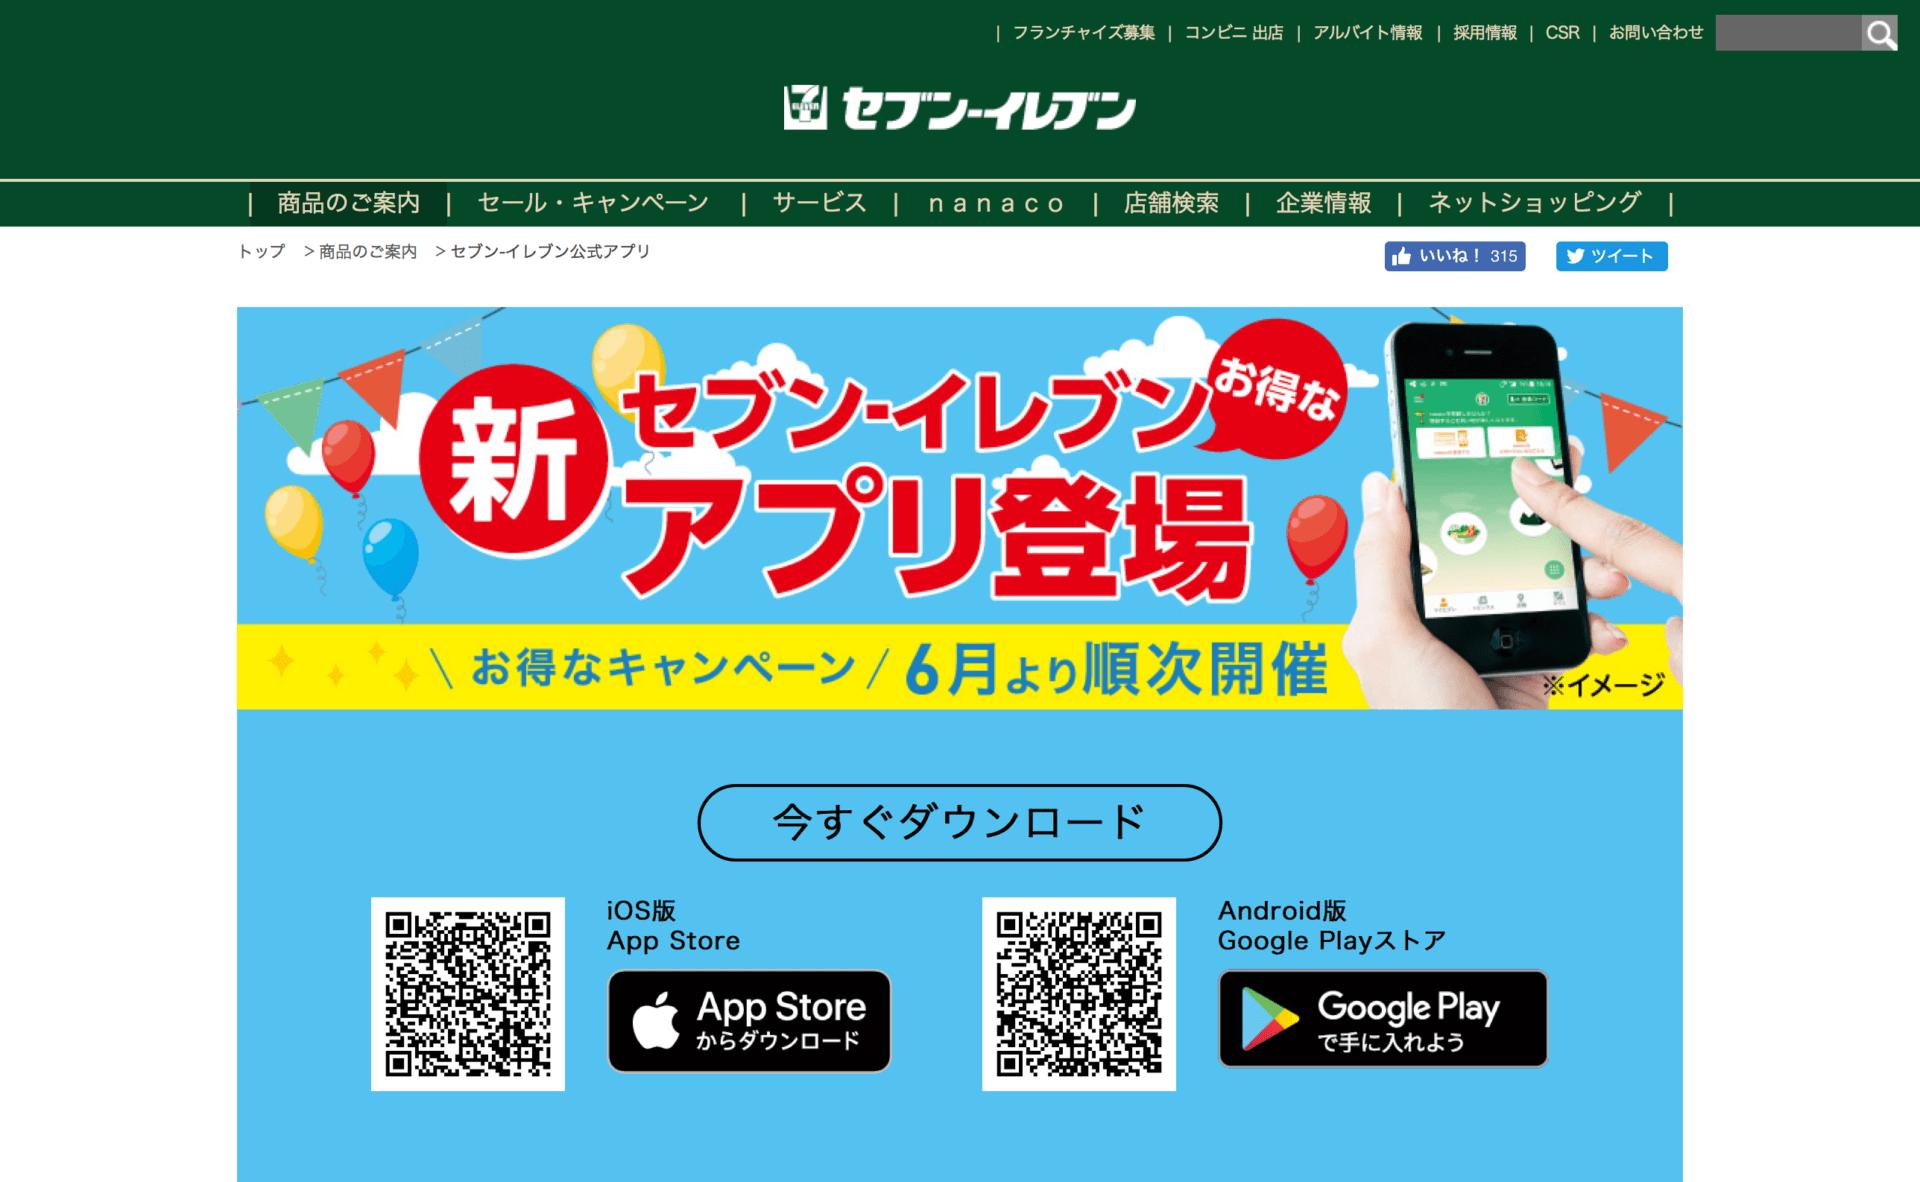 セブンイレブンアプリ